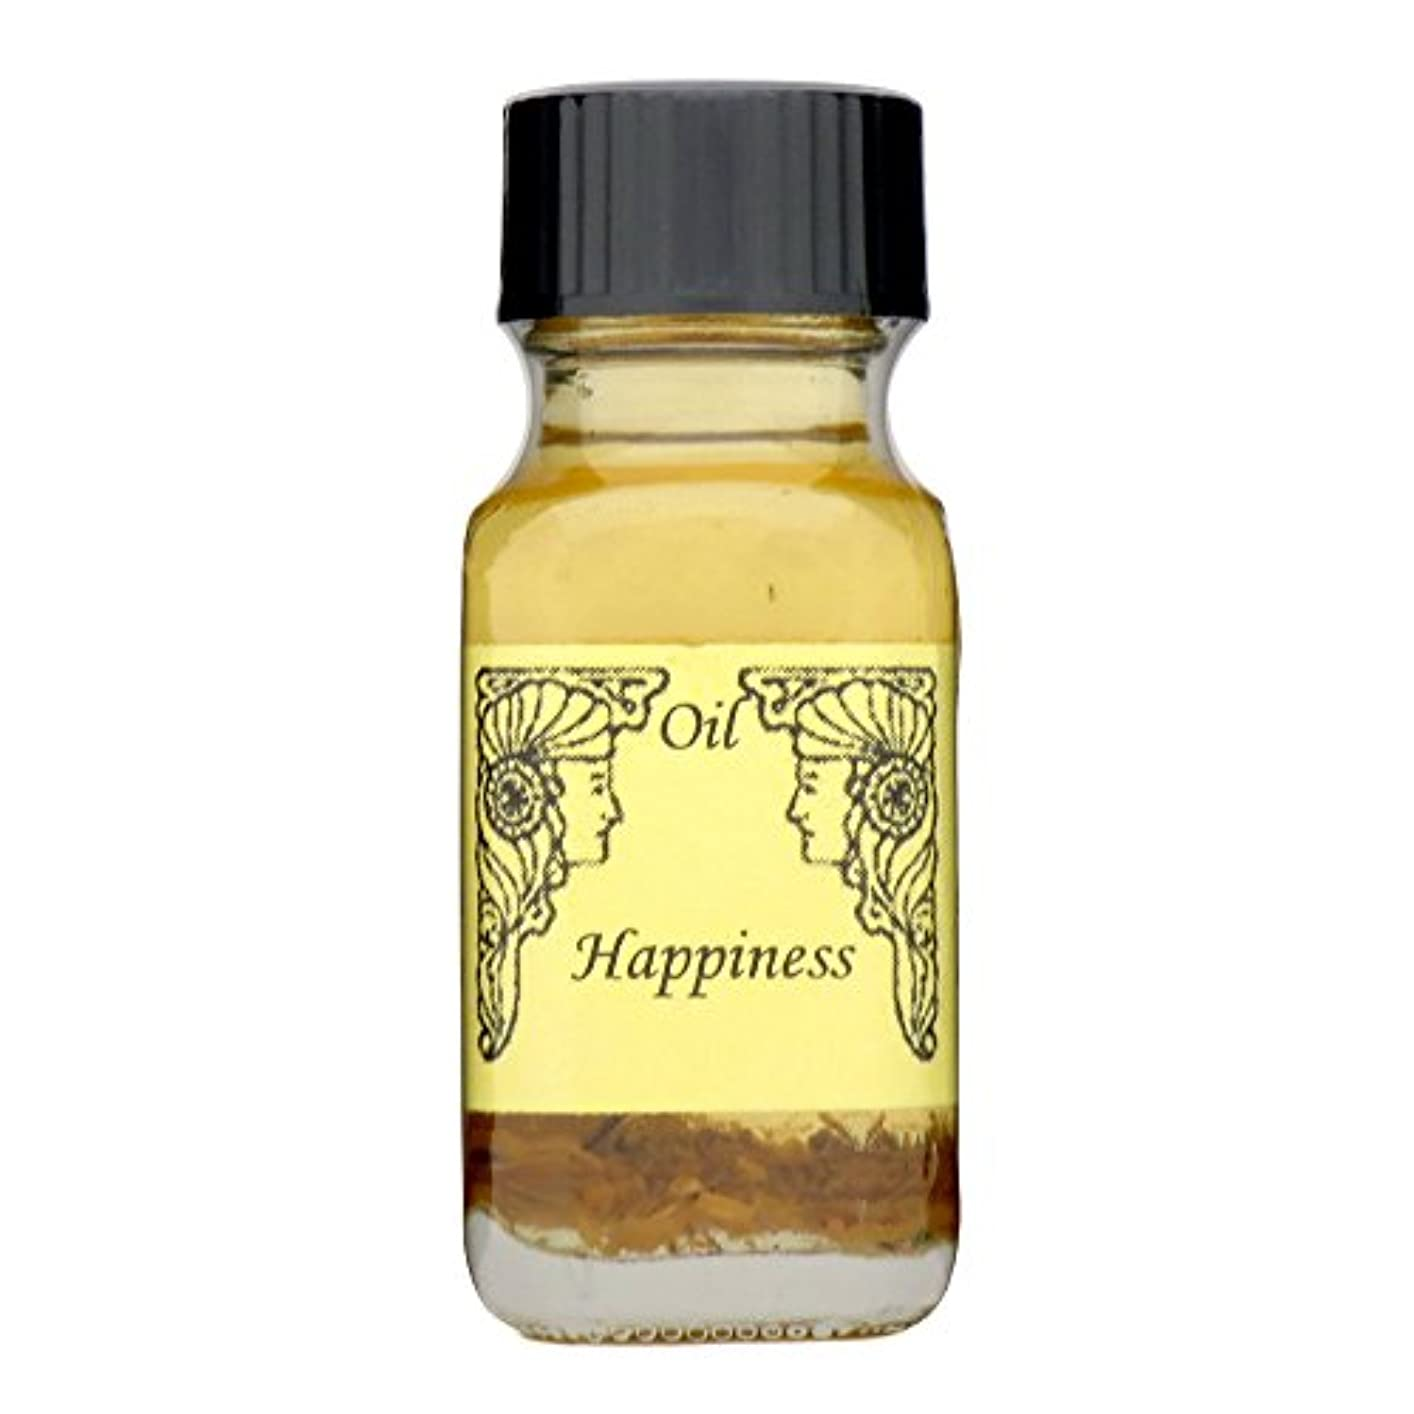 地上で崇拝します谷アンシェントメモリーオイル ハピネス (幸福) 15ml (Ancient Memory Oils)